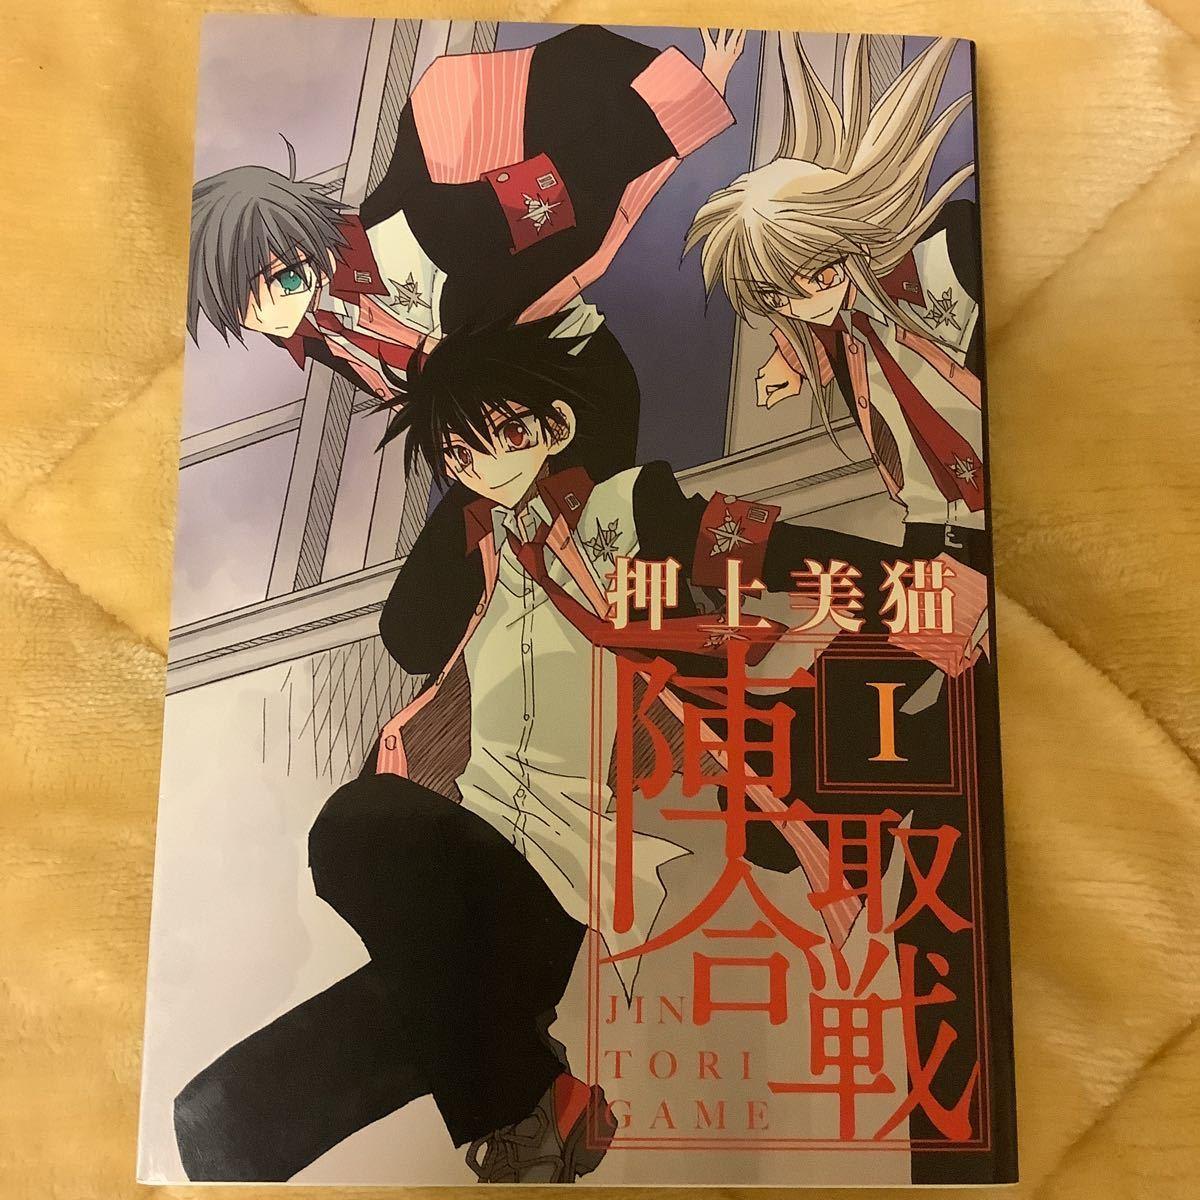 【初版】押上美猫 陣取合戦 単行本 1巻